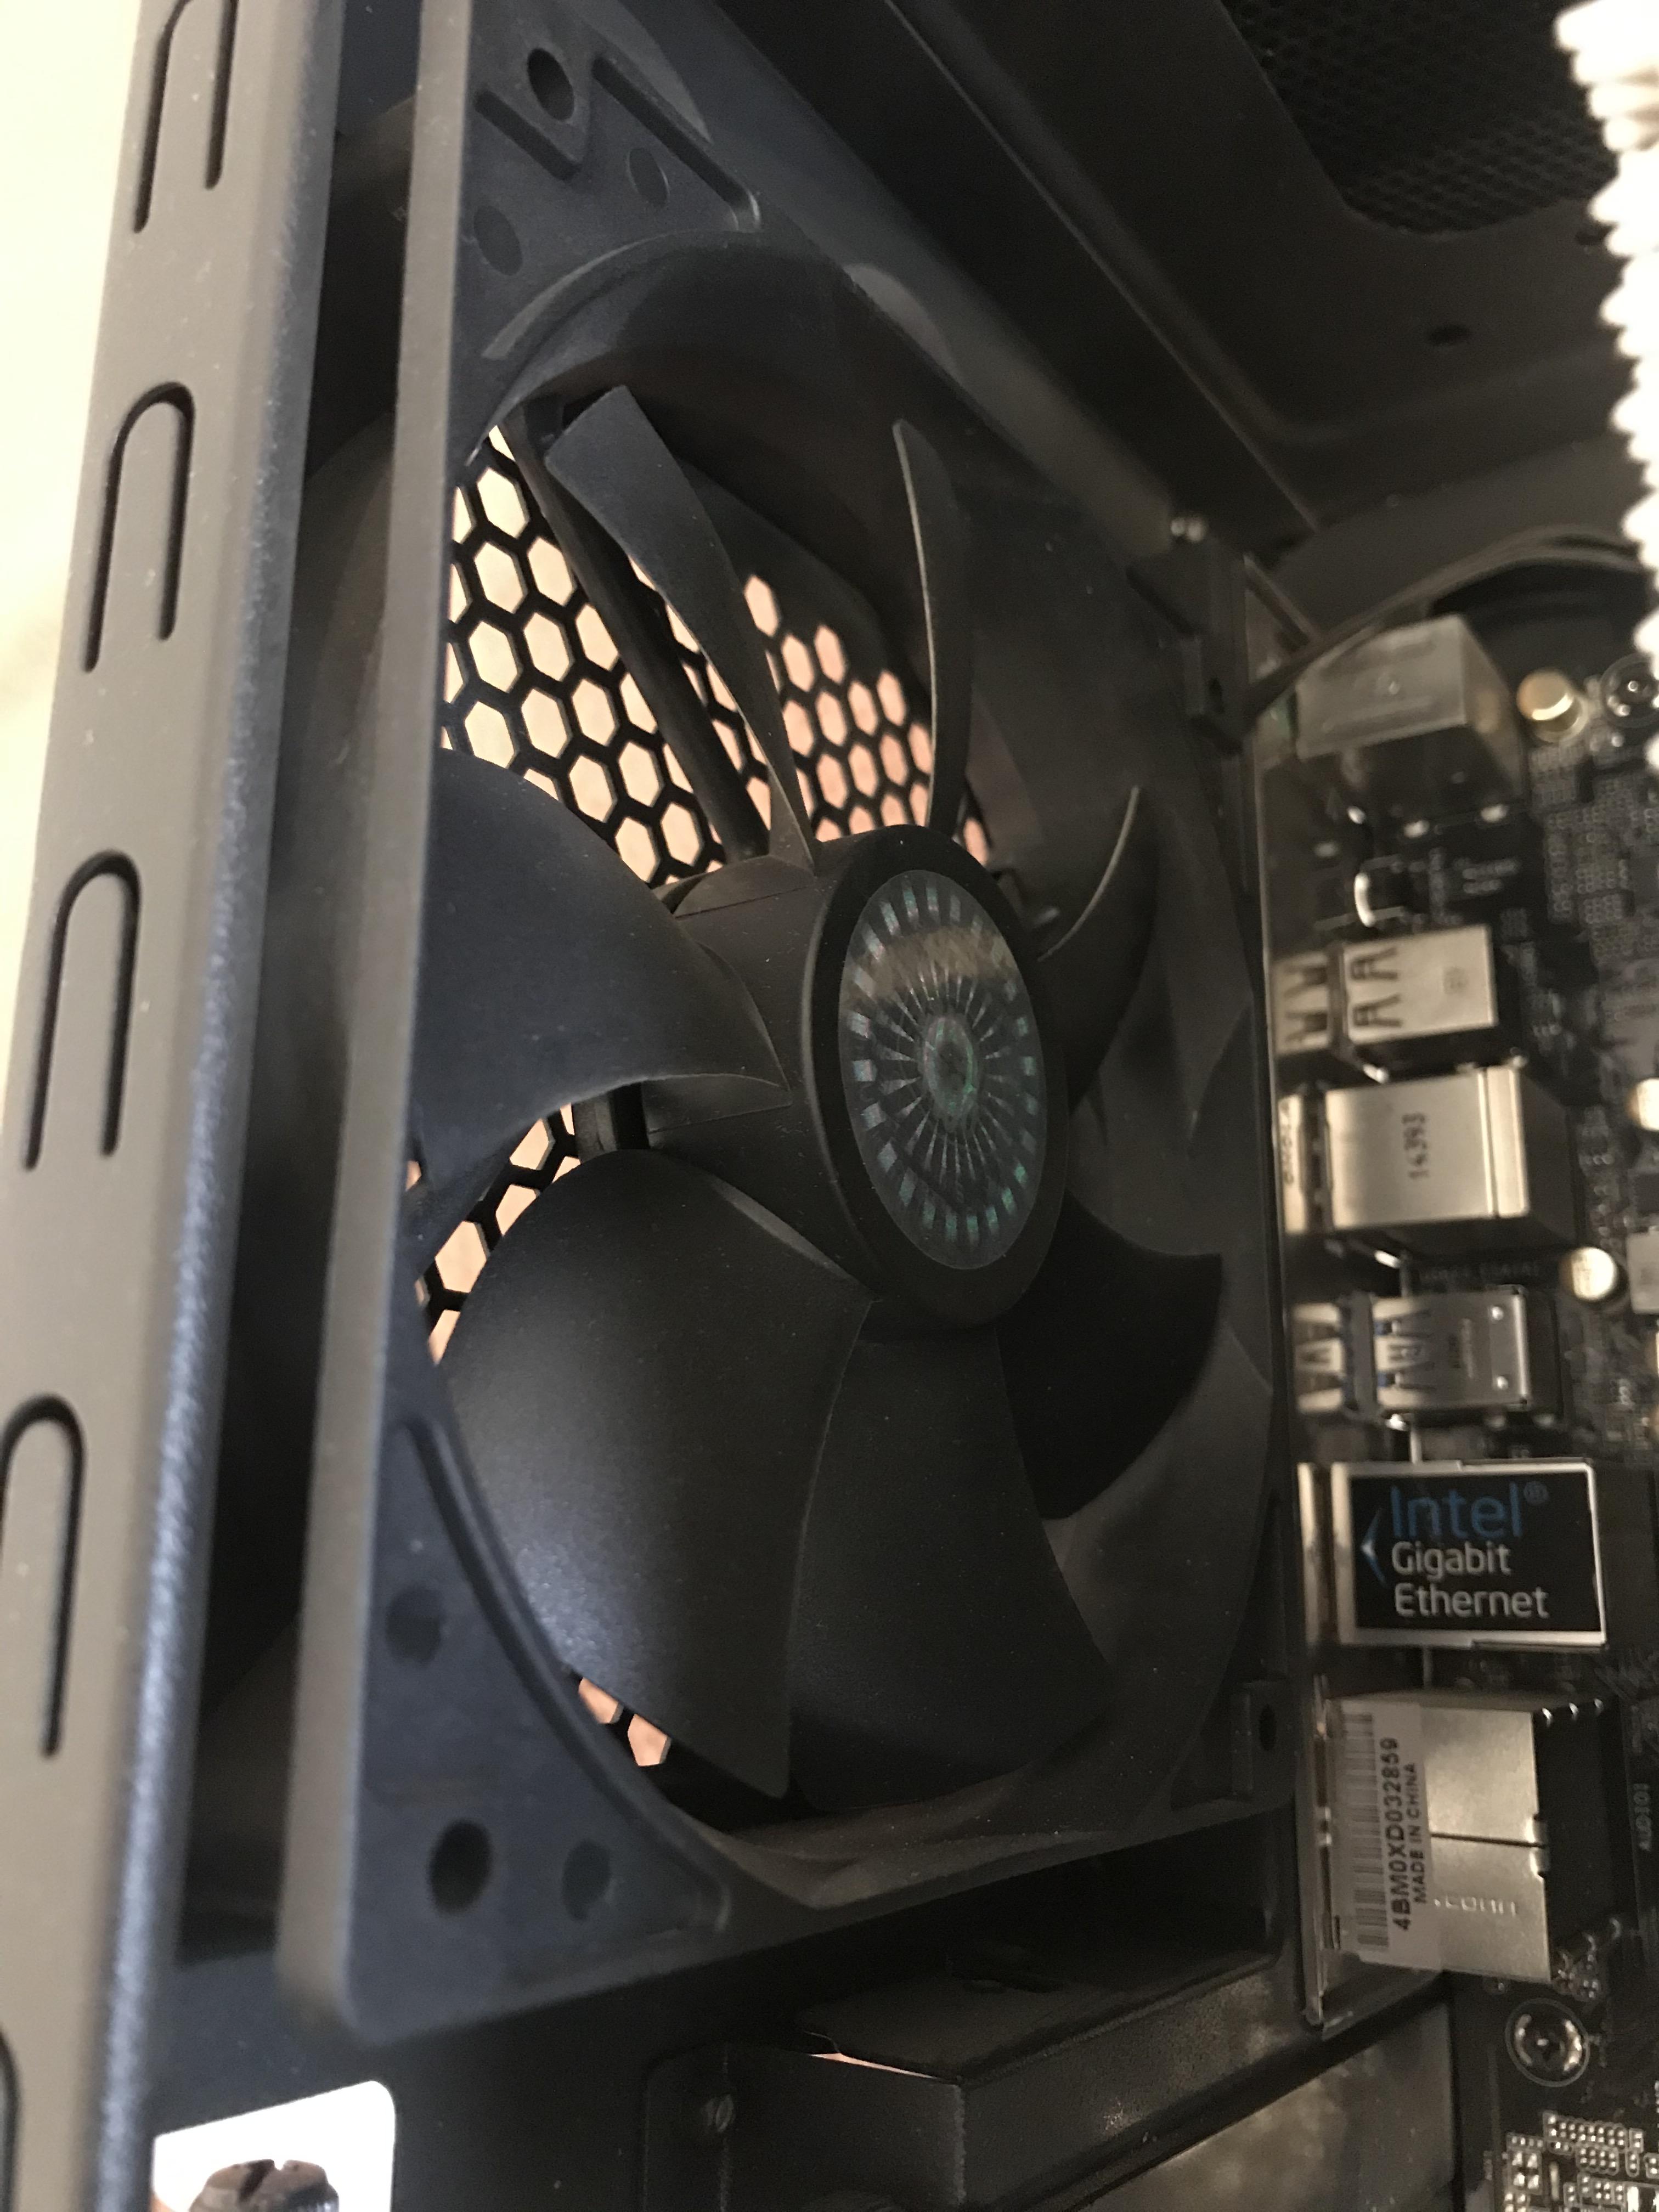 [VENDIDO] i7-5820K, X99 Extrem4,Cooler Master Silencio 650 Pure, Noctua NH-D14 SE2011